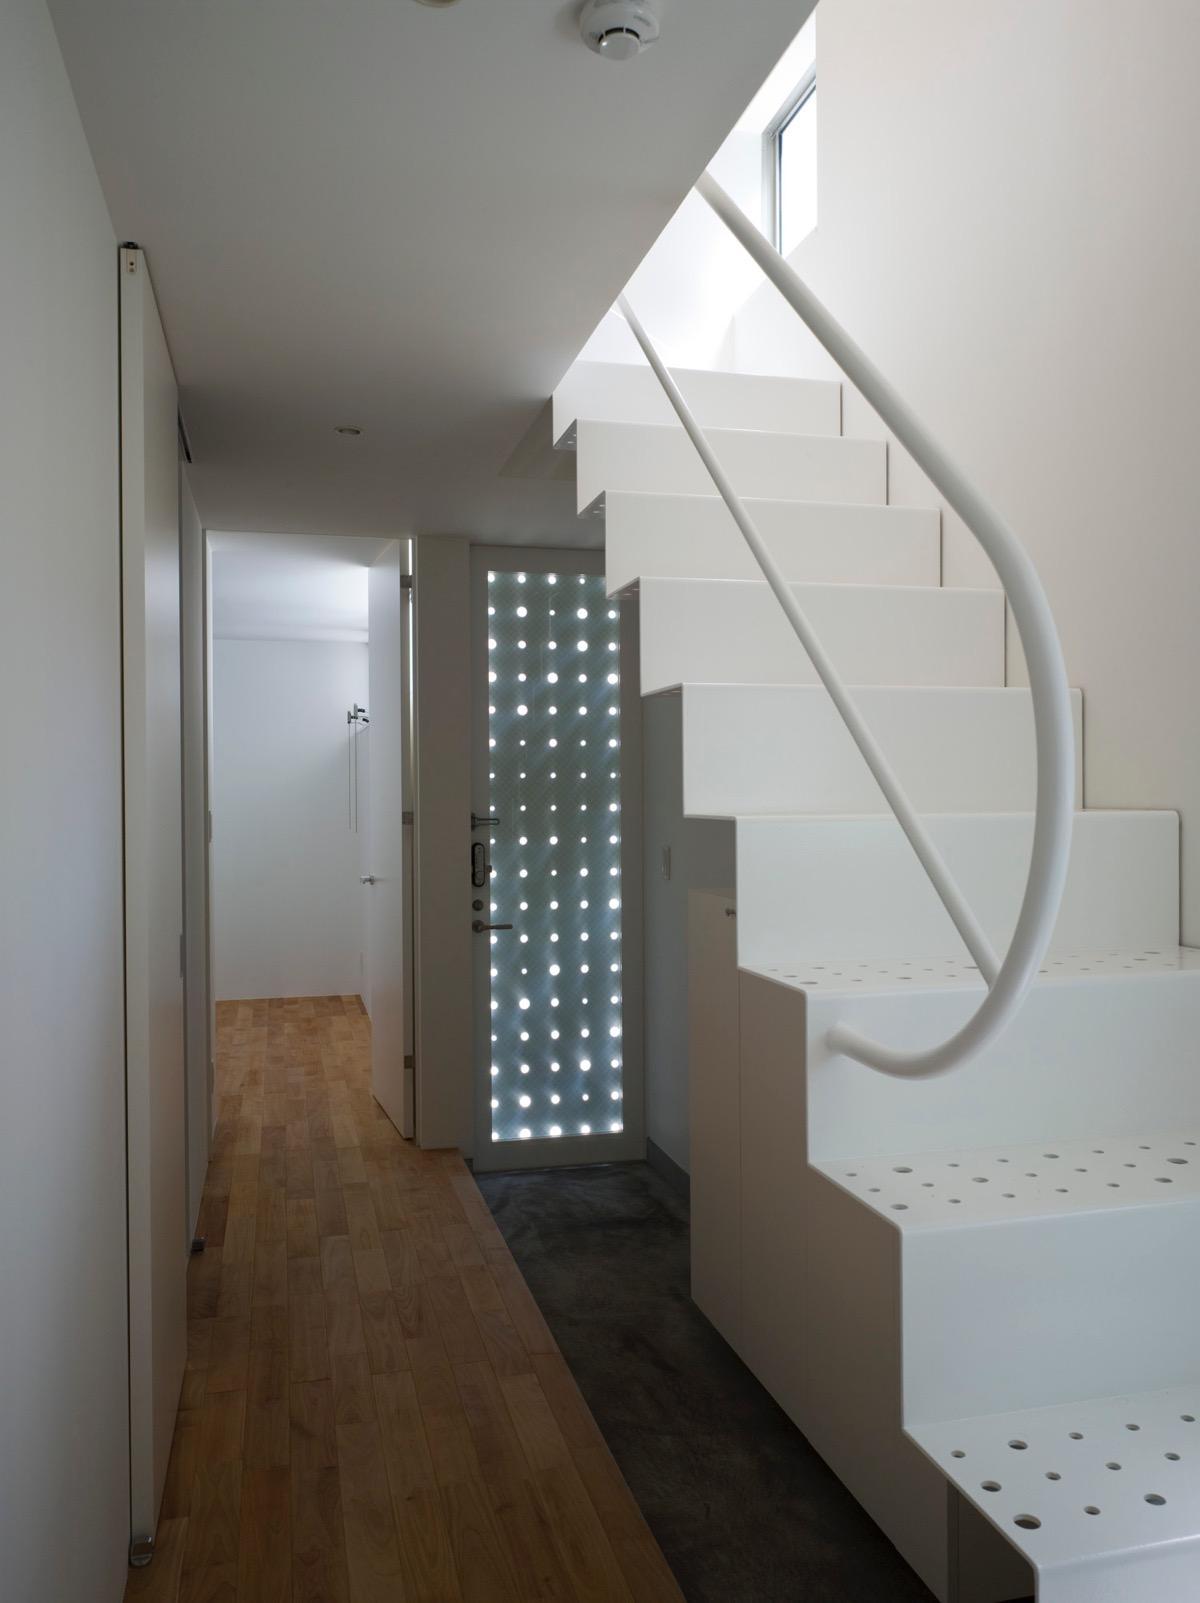 三ツ沢中町の住宅の写真 光が漏れる玄関扉